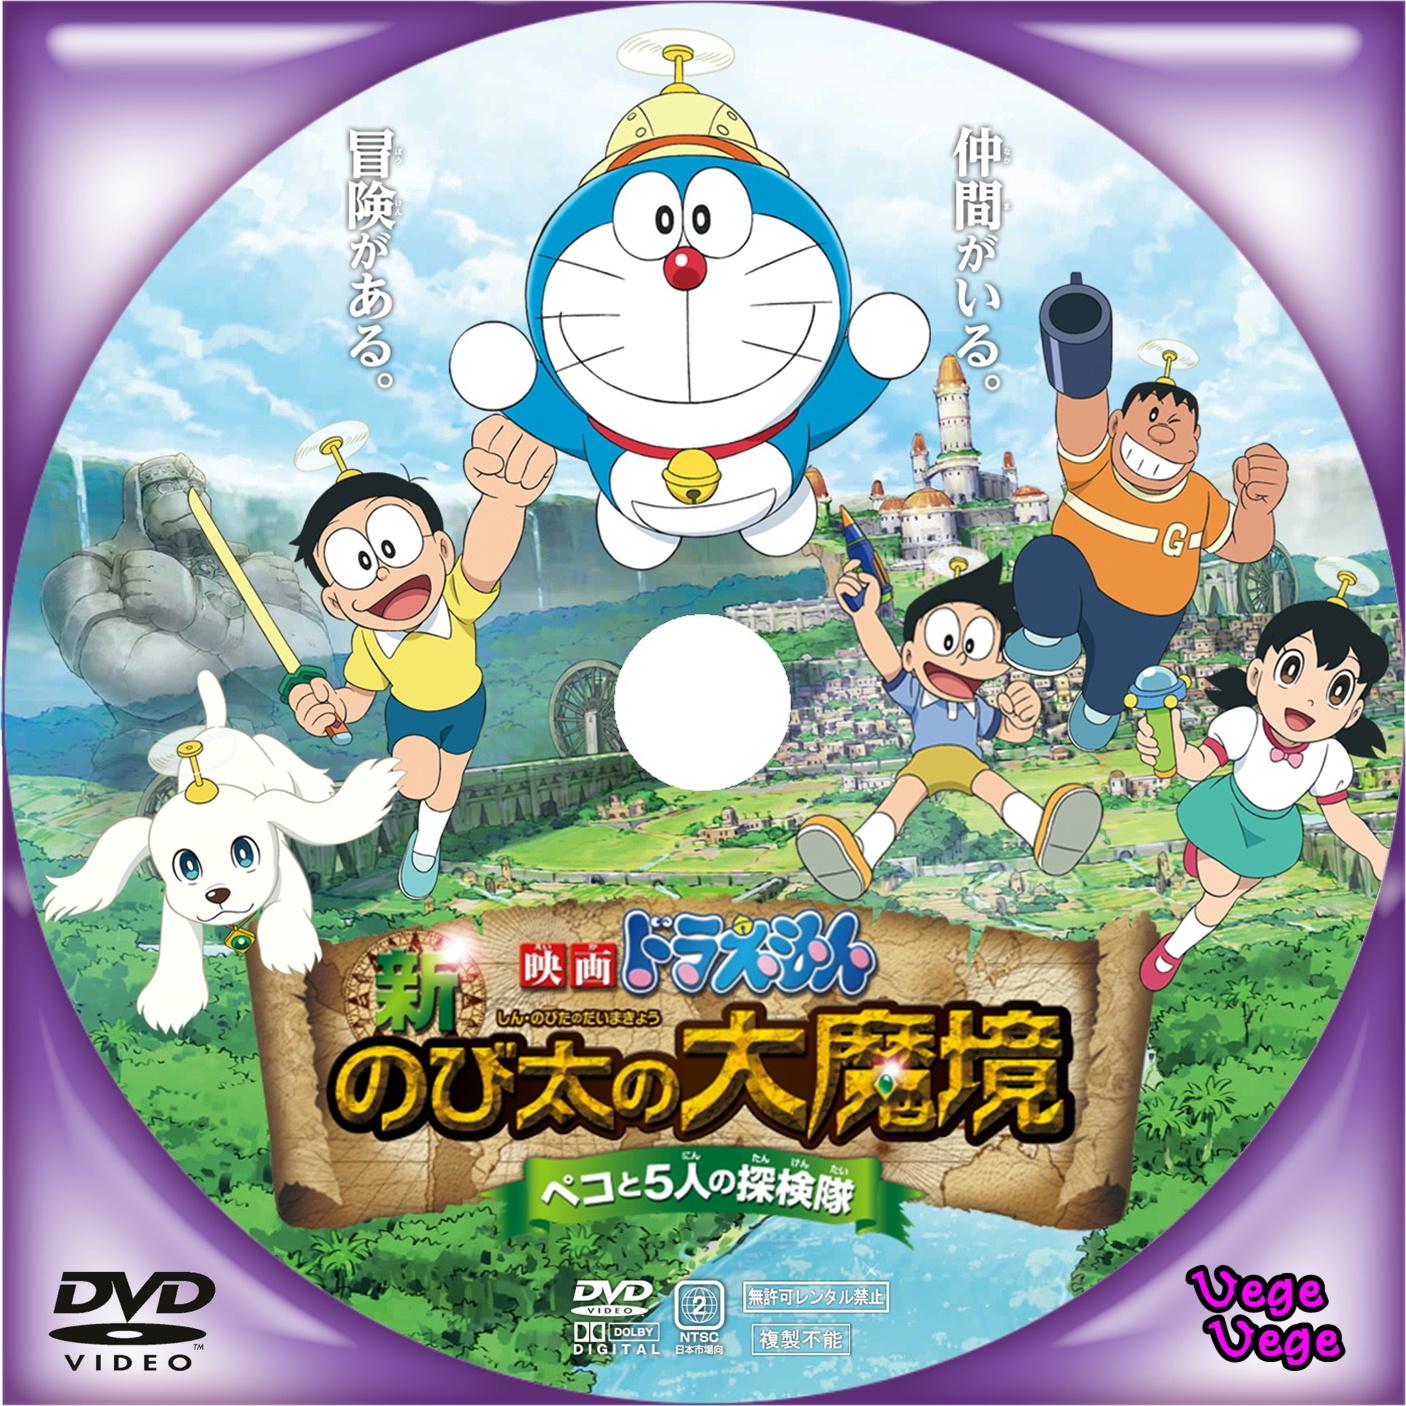 探検 隊 の 栄光 dvd ラベル